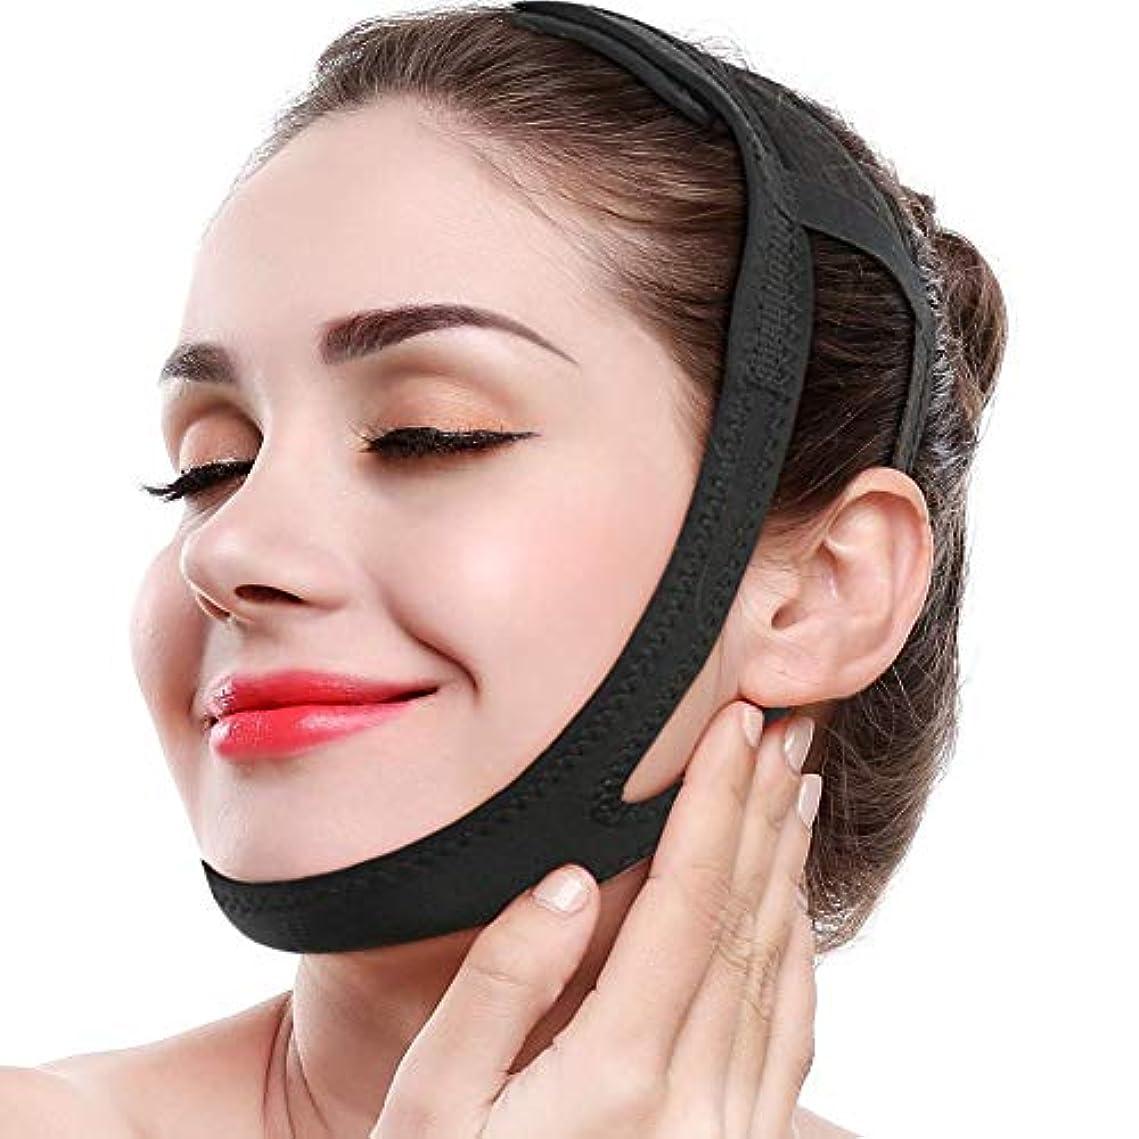 耐久早くチキン顔の細くの薄い表面マスク、持ち上がる表面ベルトは顔の包帯のための二重あごの引き締まった肌の抵抗の形のVライン減量を減らします